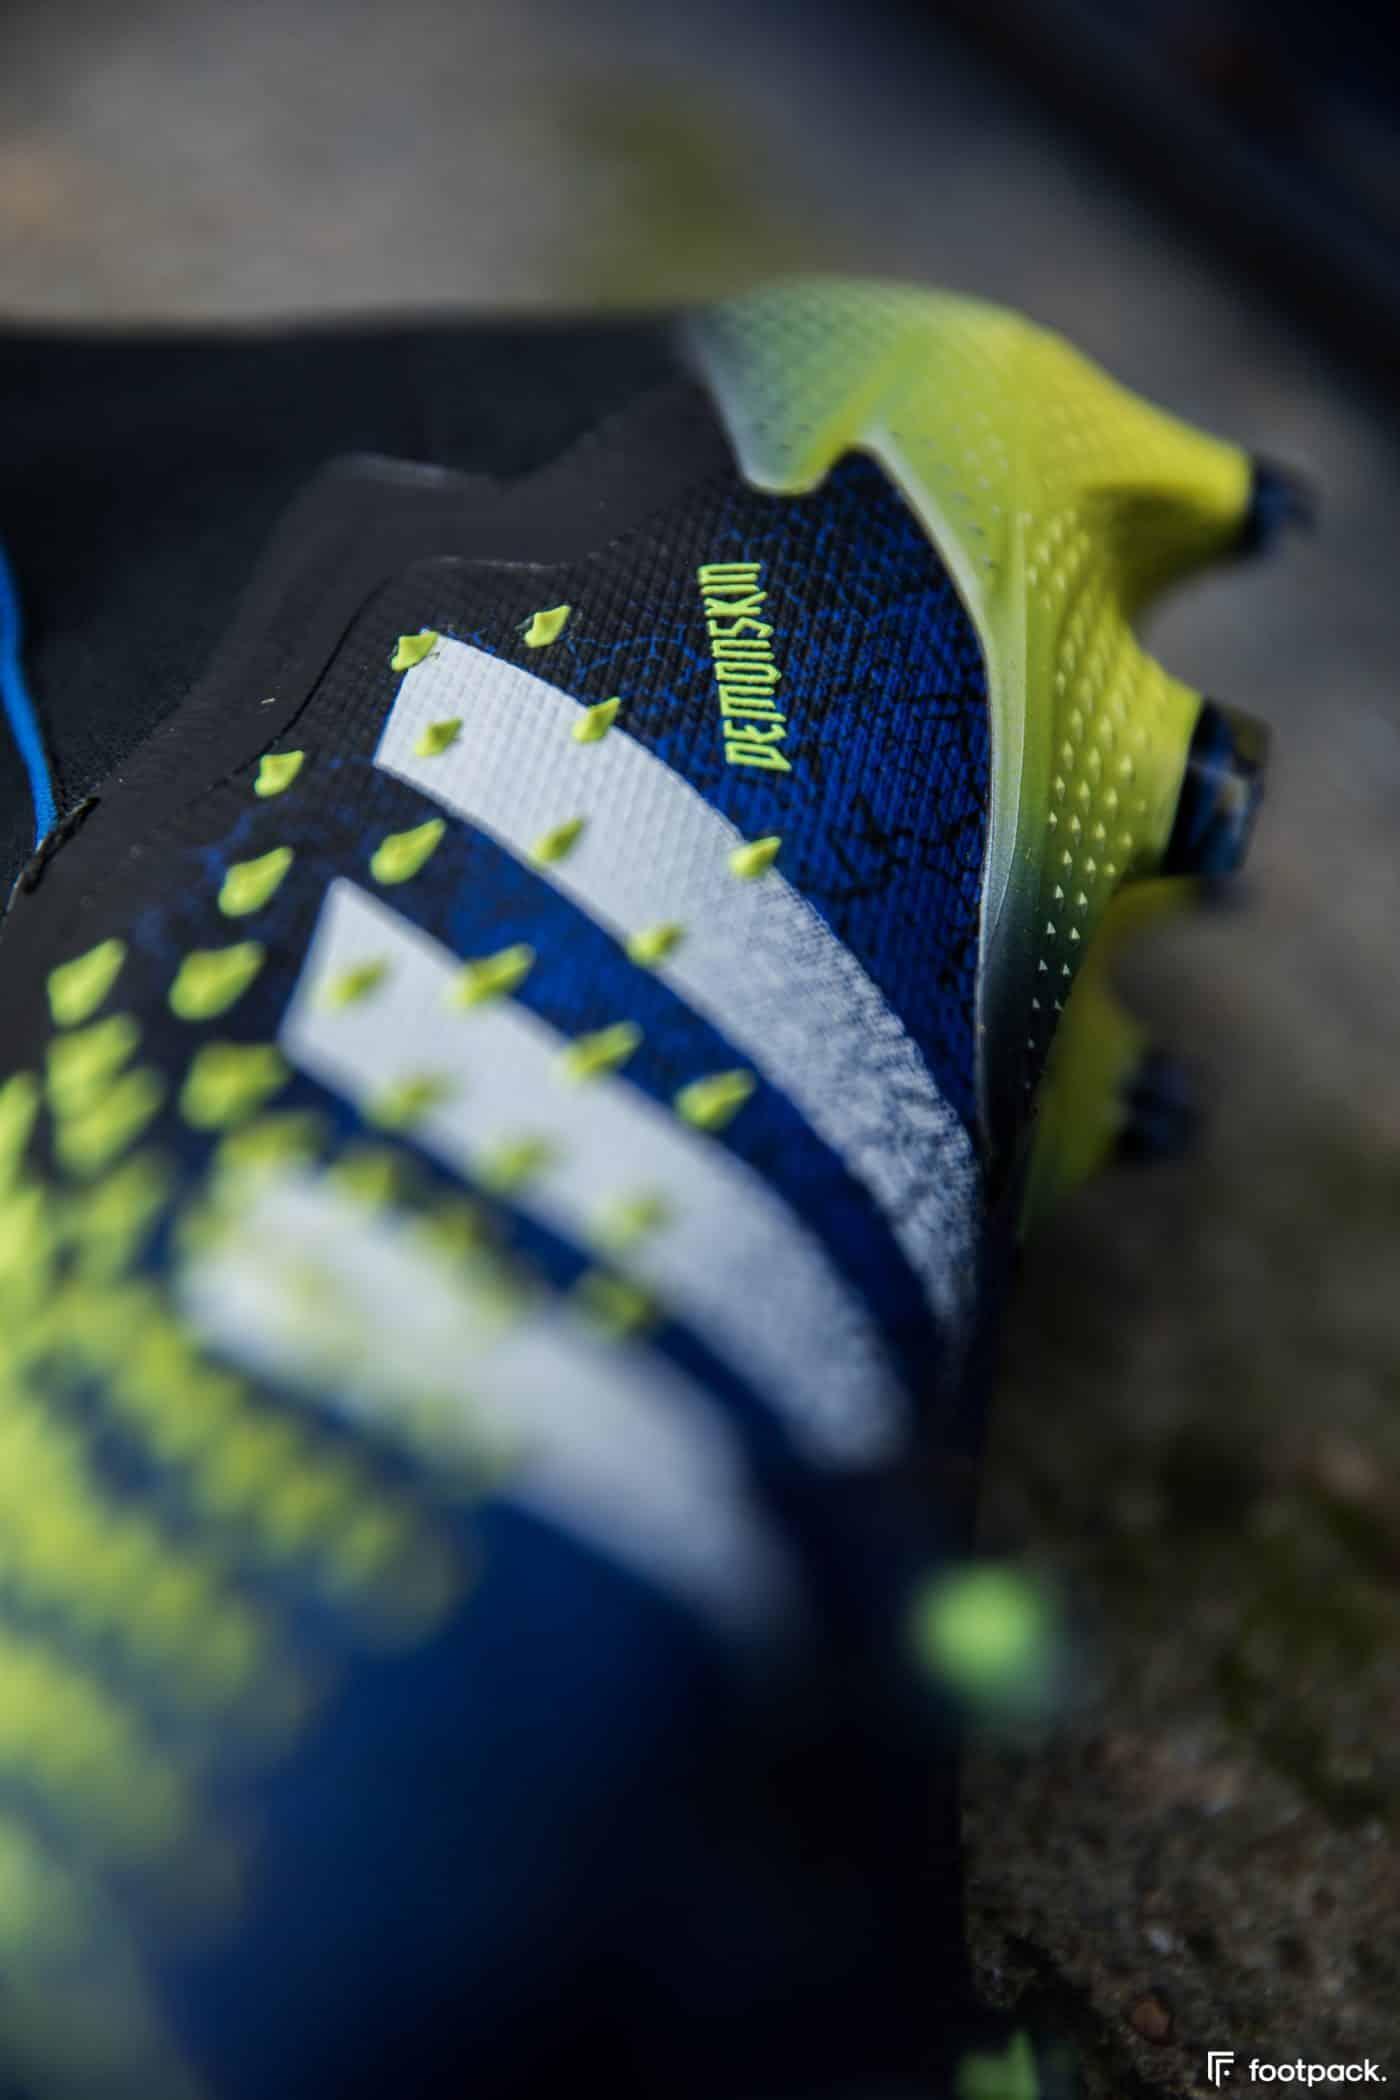 adidas-predator-freak-21-footpack-11